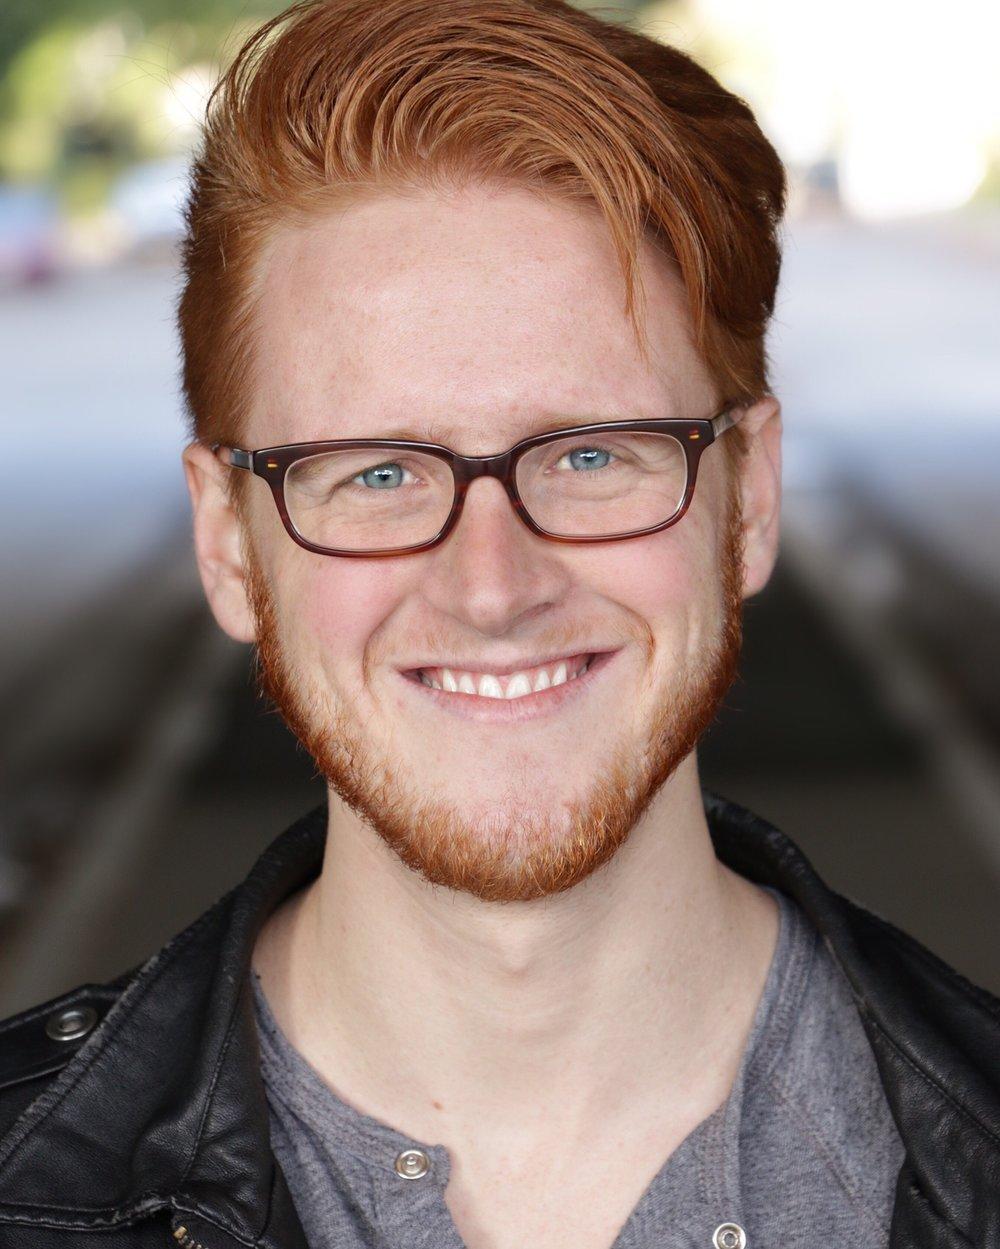 Blake Rosier